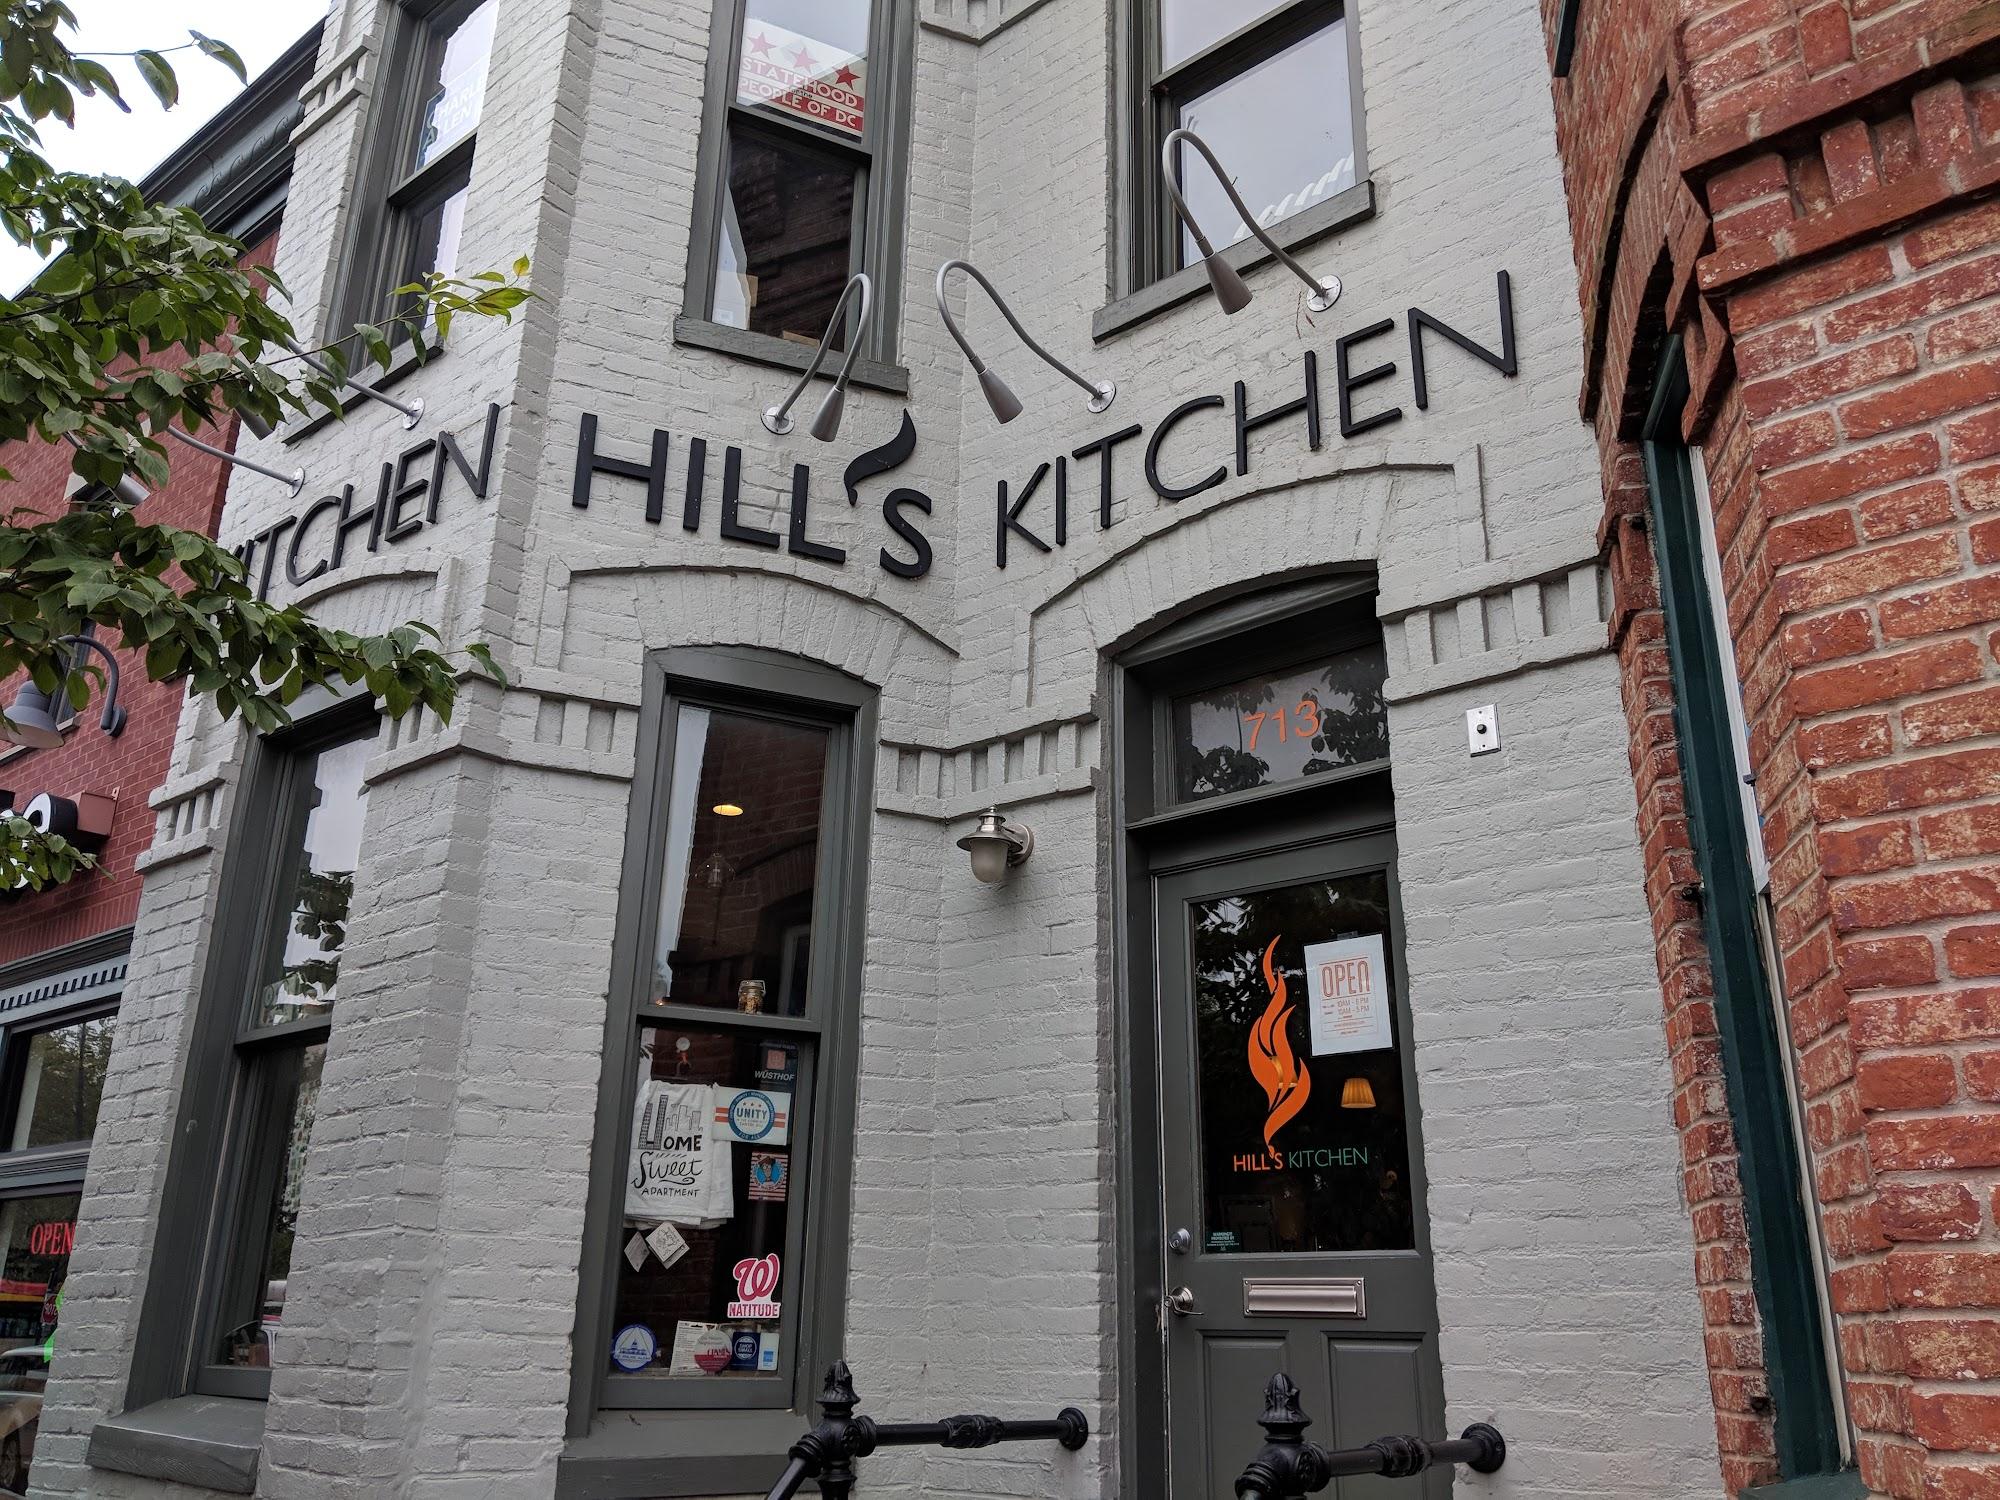 Hill's Kitchen 713 D St SE, Washington